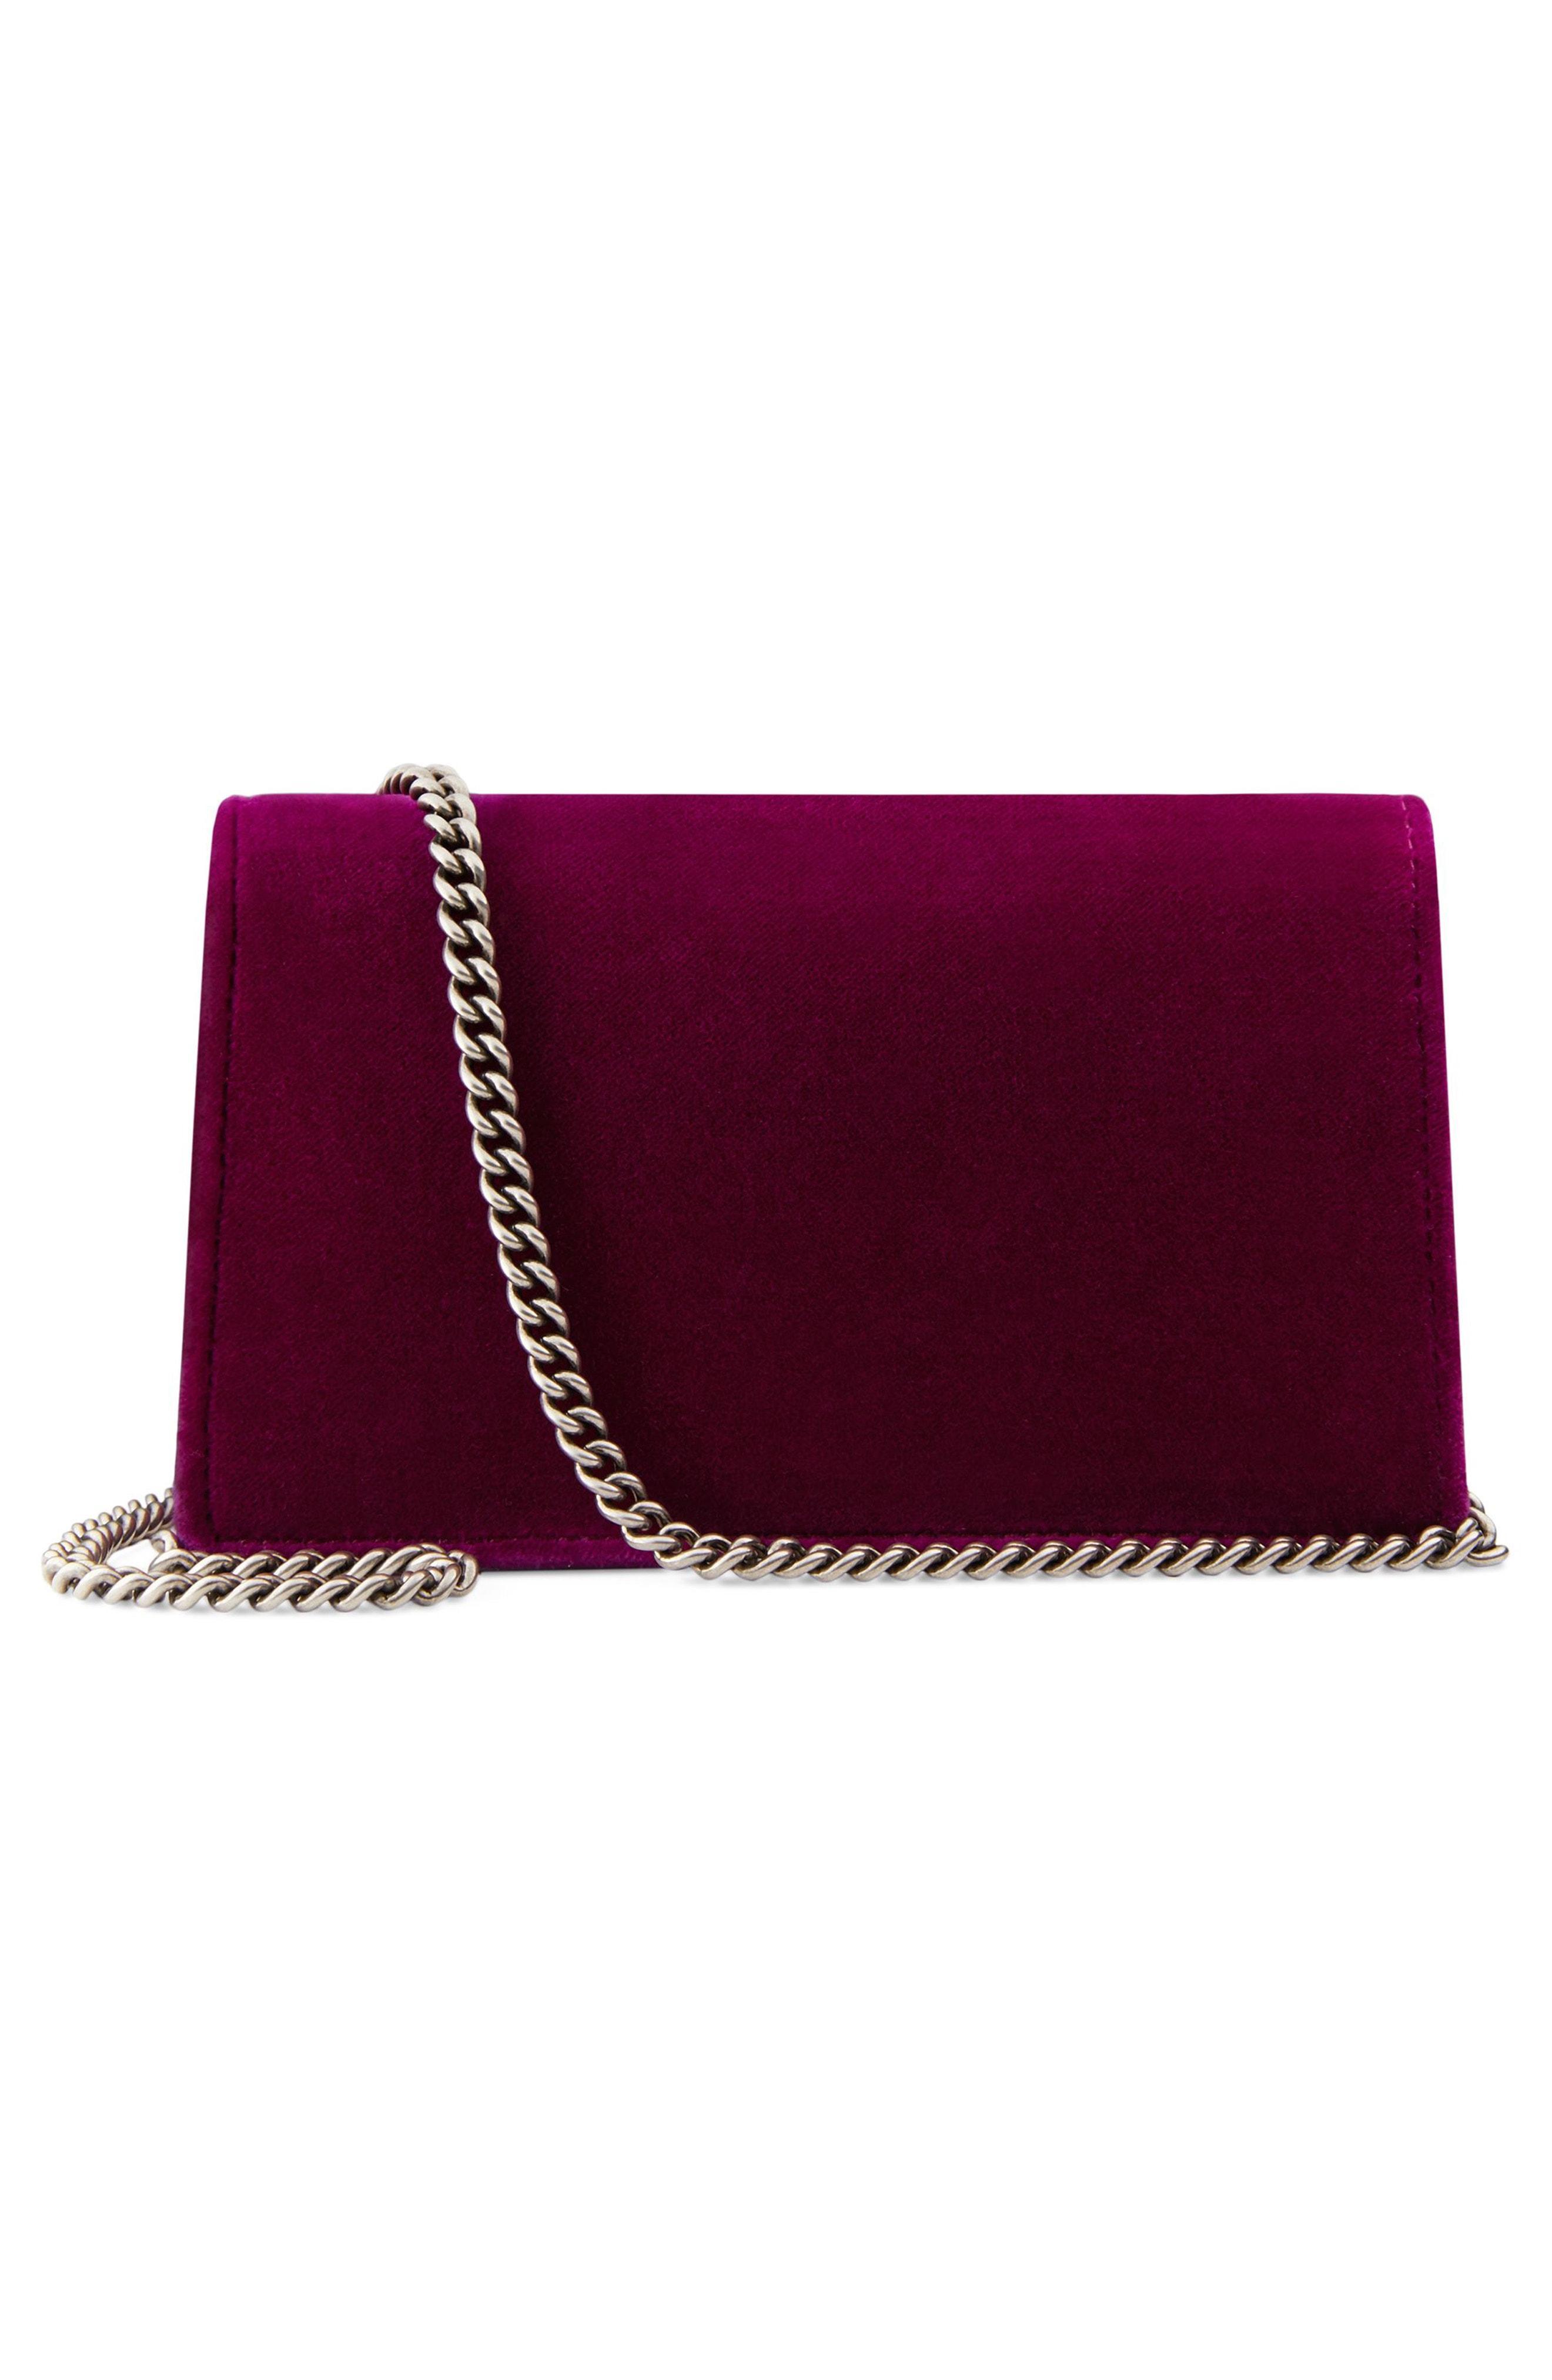 27effc8cf8a Gucci Super Mini Dionysus Velvet Shoulder Bag In Bordeaux Velvet ...